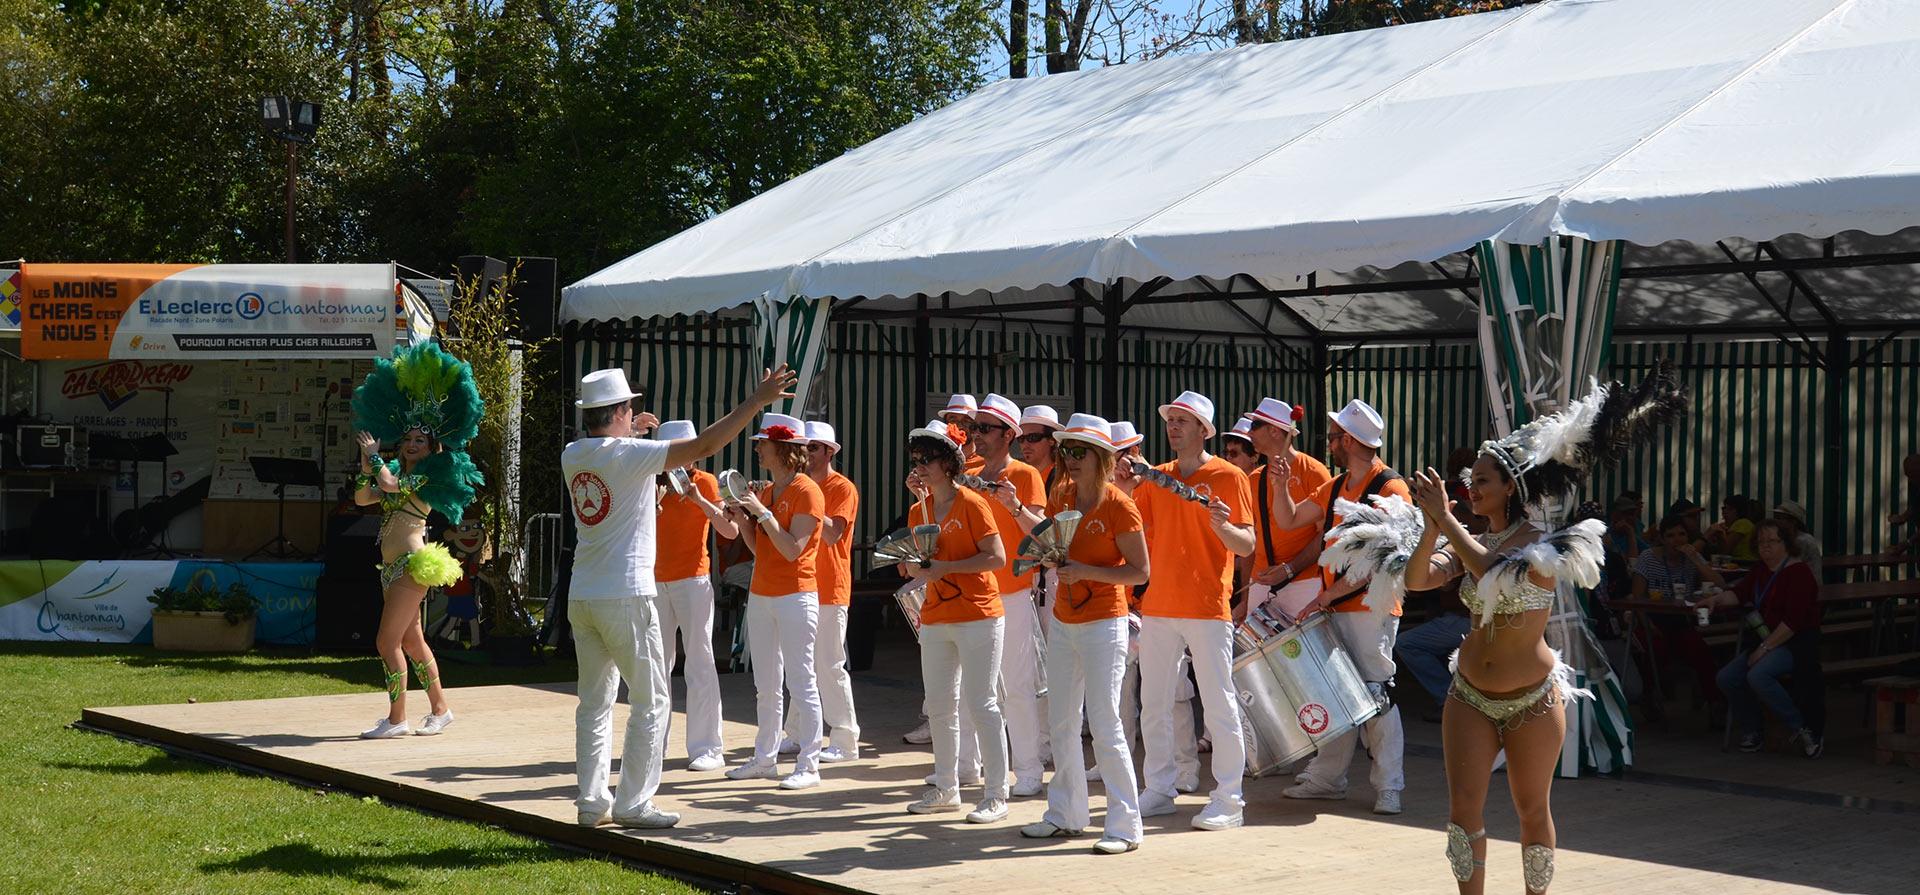 Musiciens de chantonnay lors de l'inauguration des 4 jours randonnées